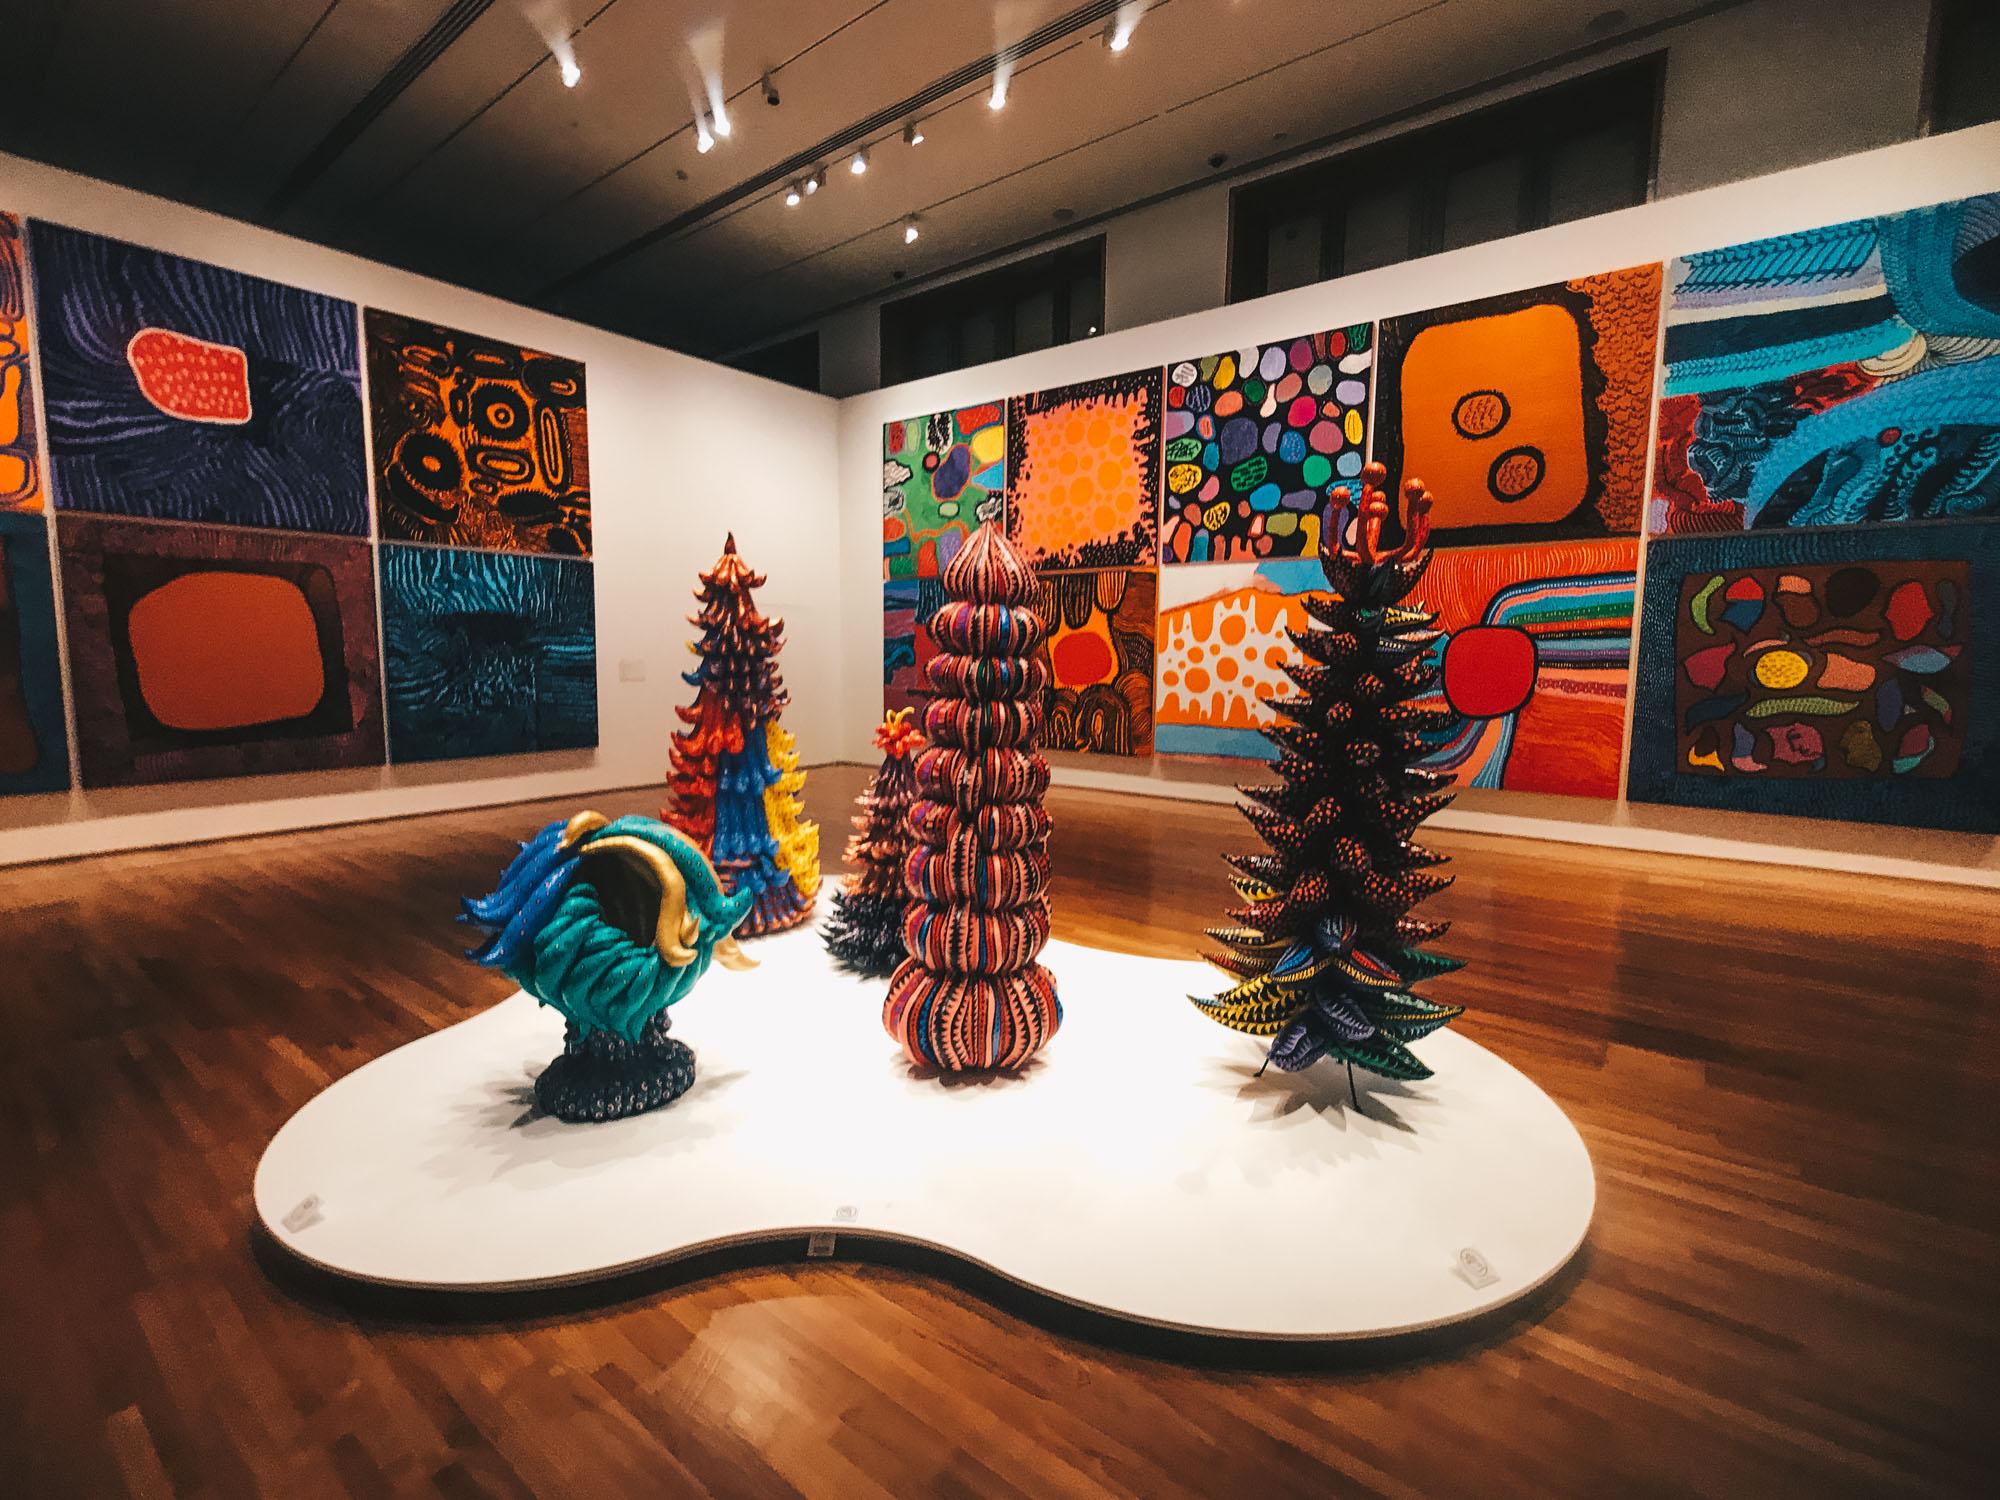 yayoi kusama exhibition singapore darrenbloggie-8